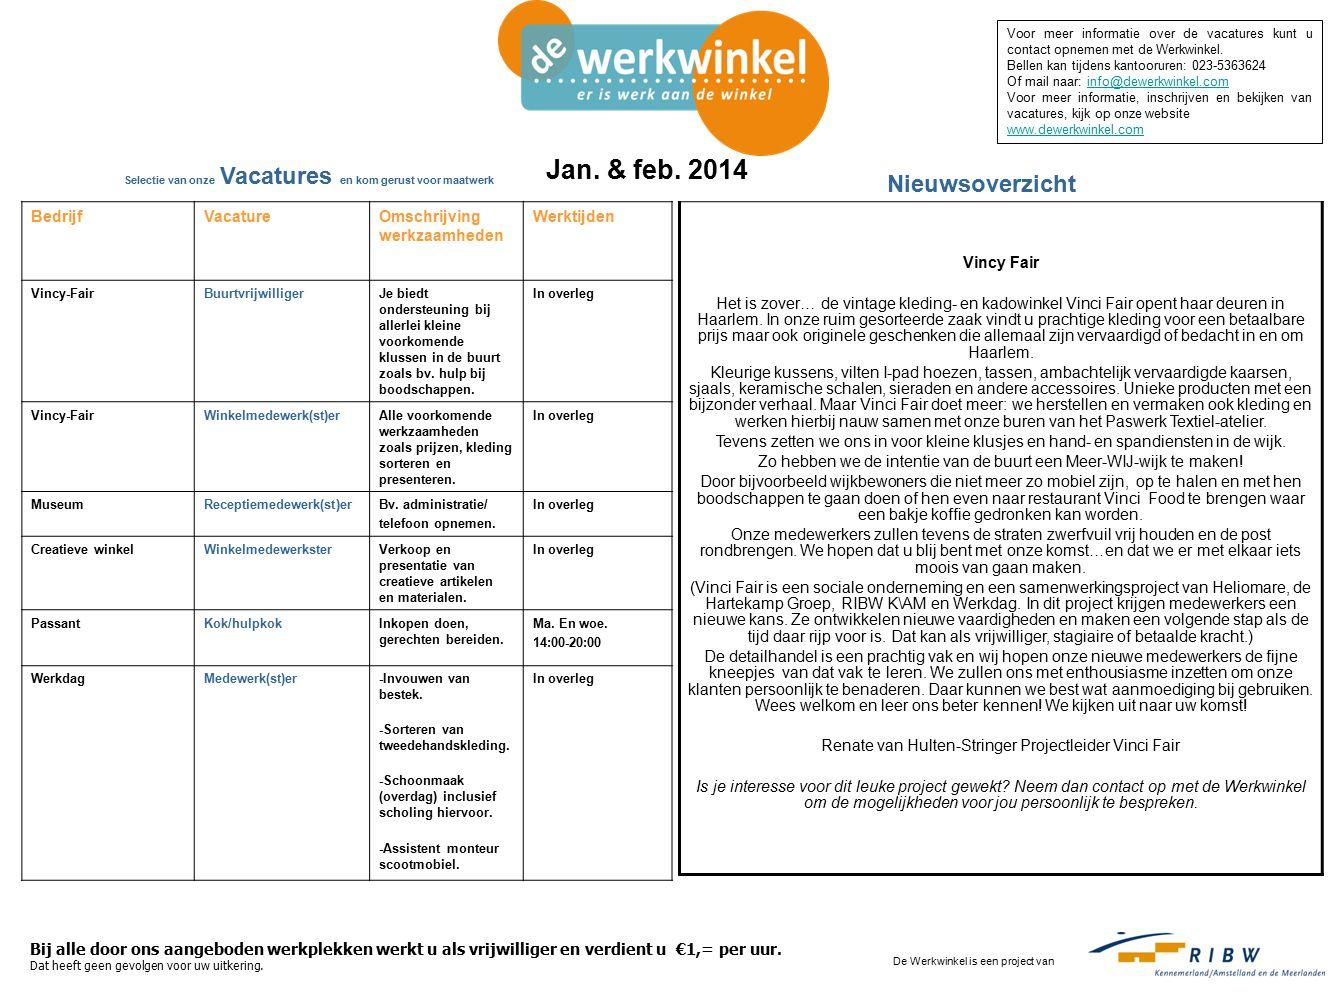 BedrijfVacatureOmschrijving werkzaamheden Werktijden Vincy-FairBuurtvrijwilligerJe biedt ondersteuning bij allerlei kleine voorkomende klussen in de buurt zoals bv.